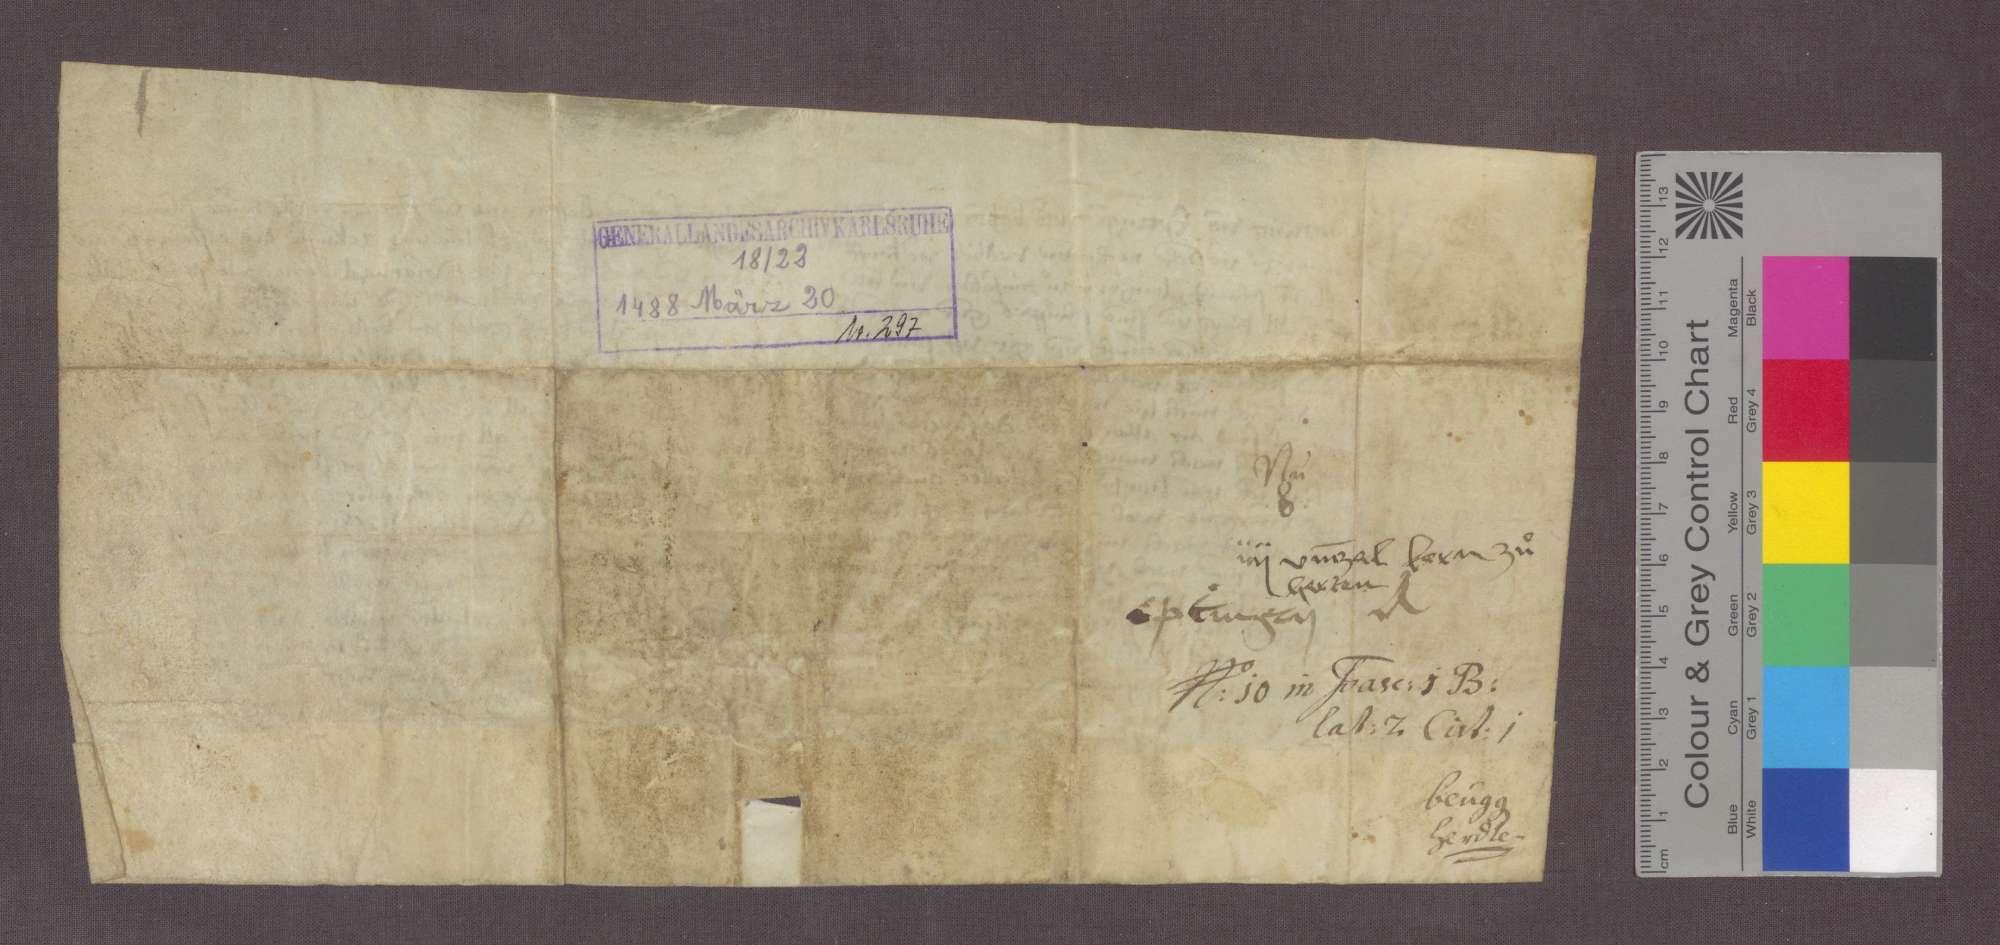 Ludwig von Eptingen verkauft an Frau Barbara Schmid zu Rheinfelden eine Gült von 4 Viernzel Korn von Gütern zu Herten um 40 Pfund Stebler., Bild 2